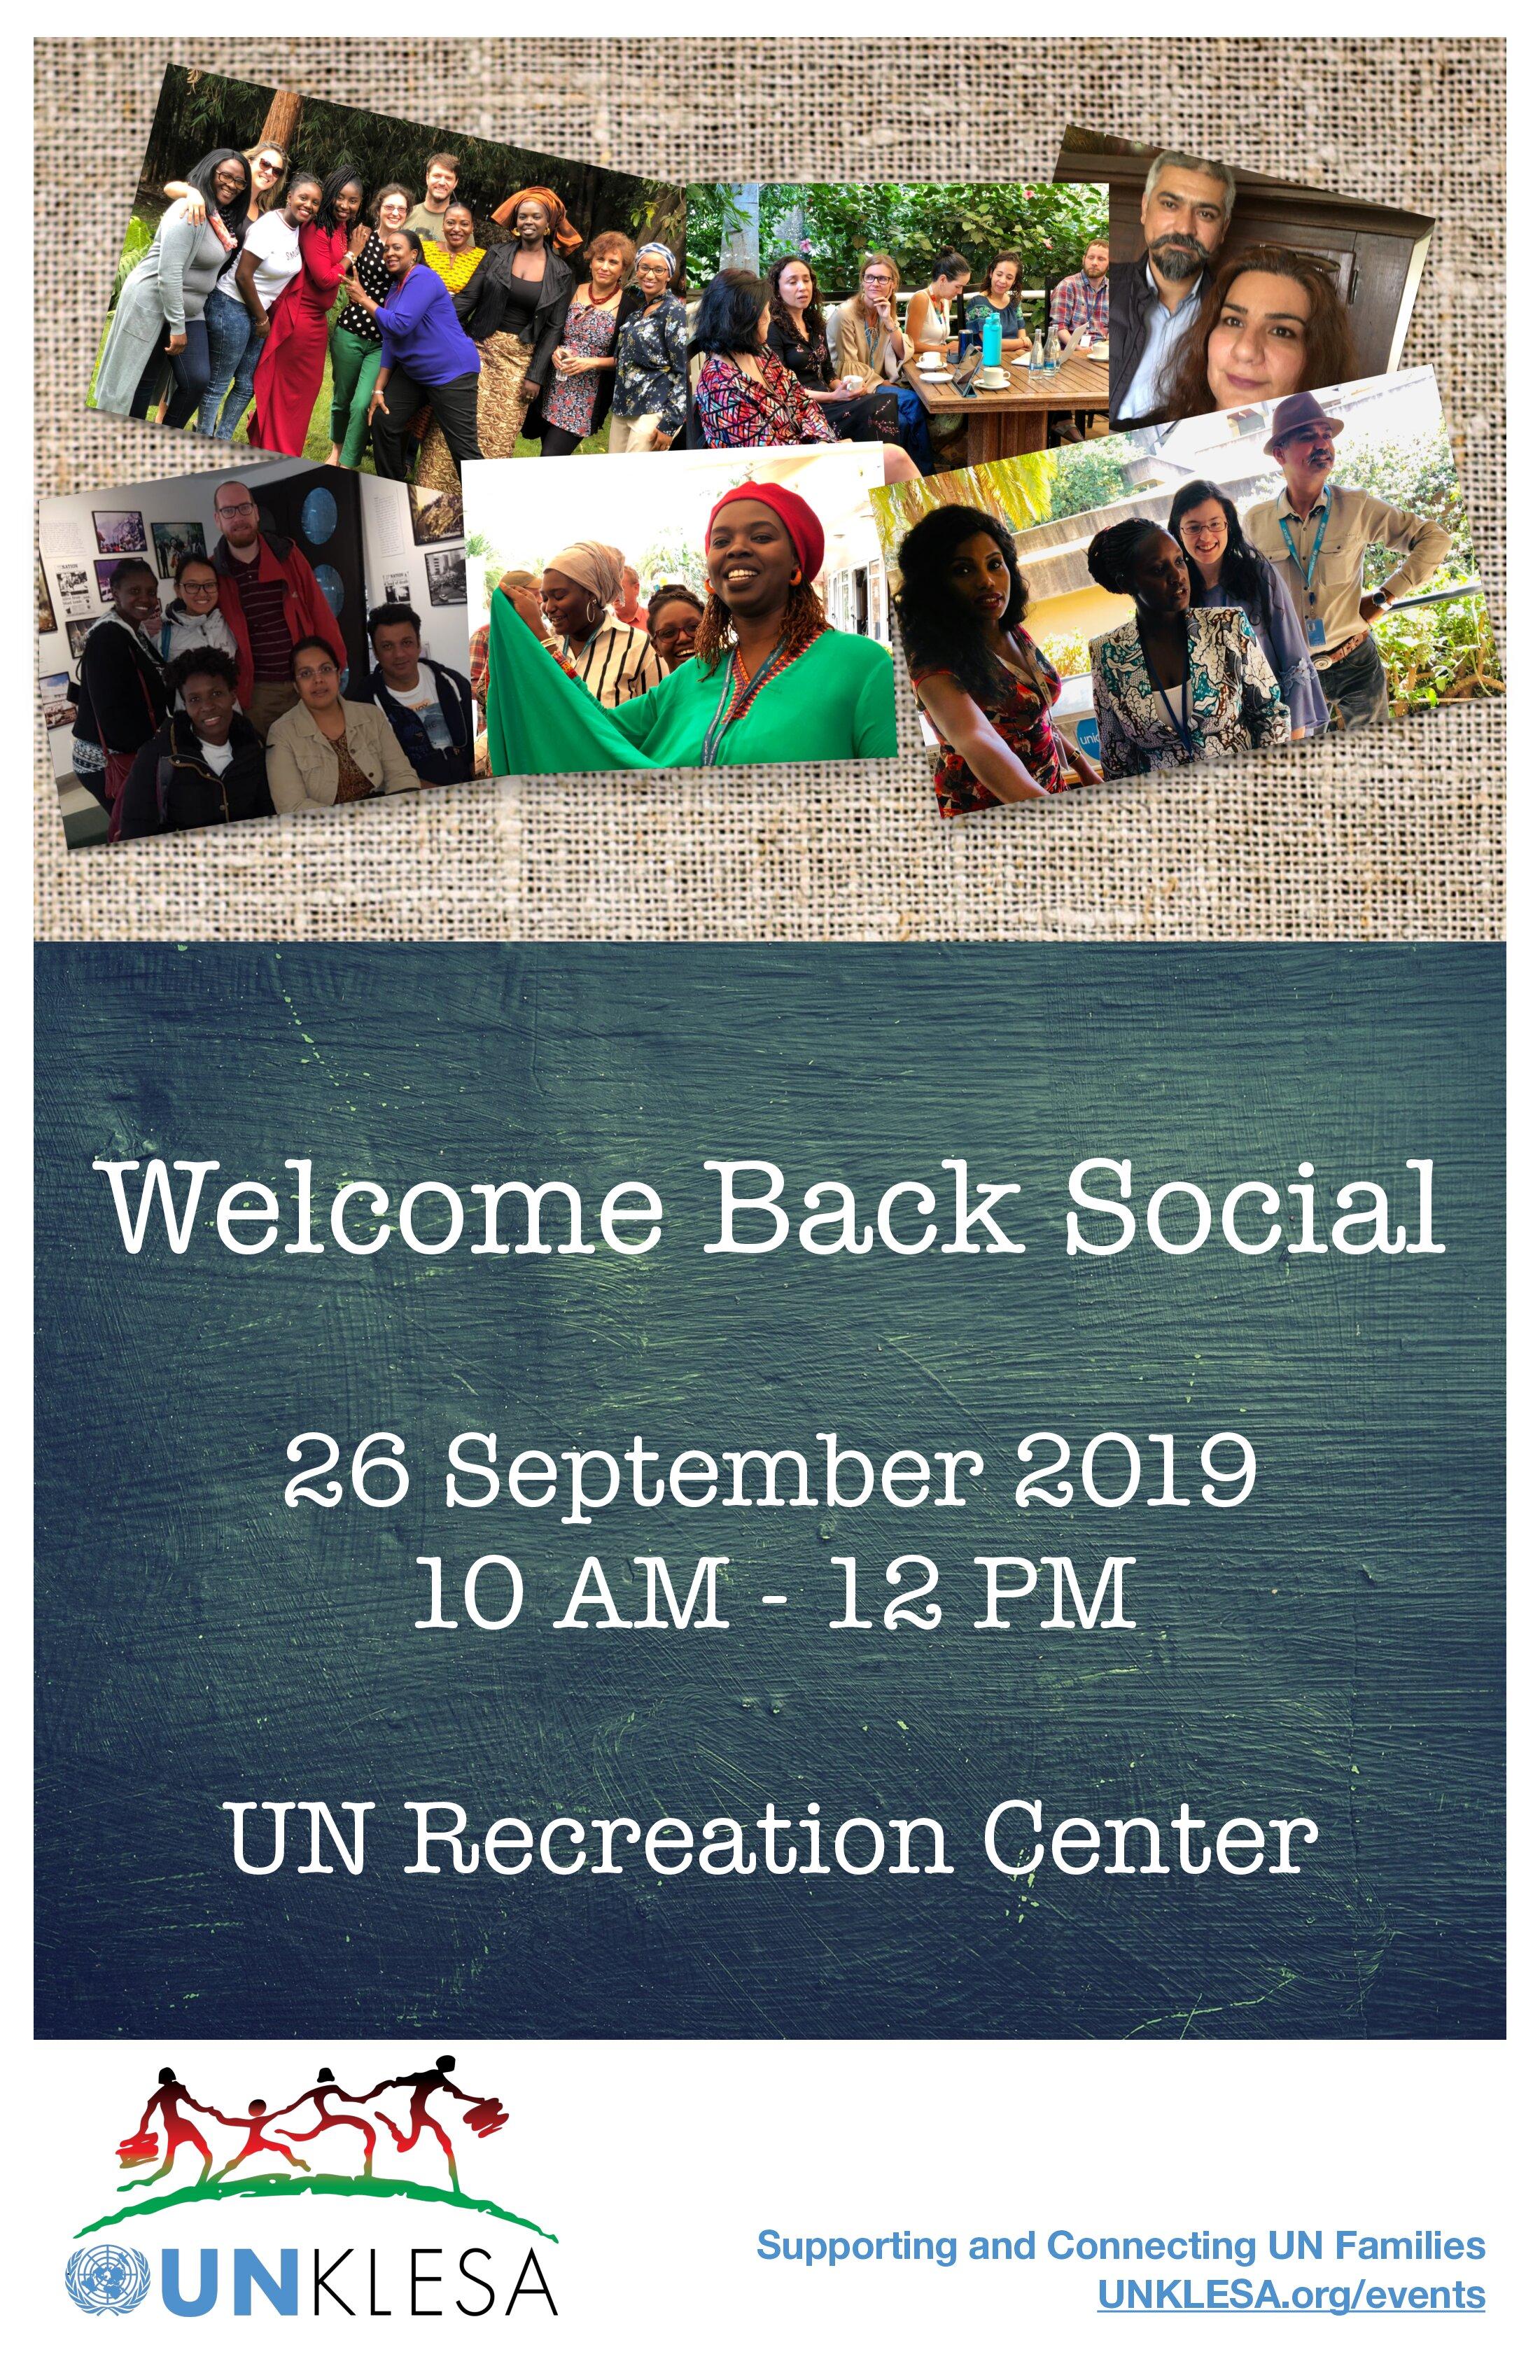 UNKLESA_WelcomeBackSocial_September2019.jpg